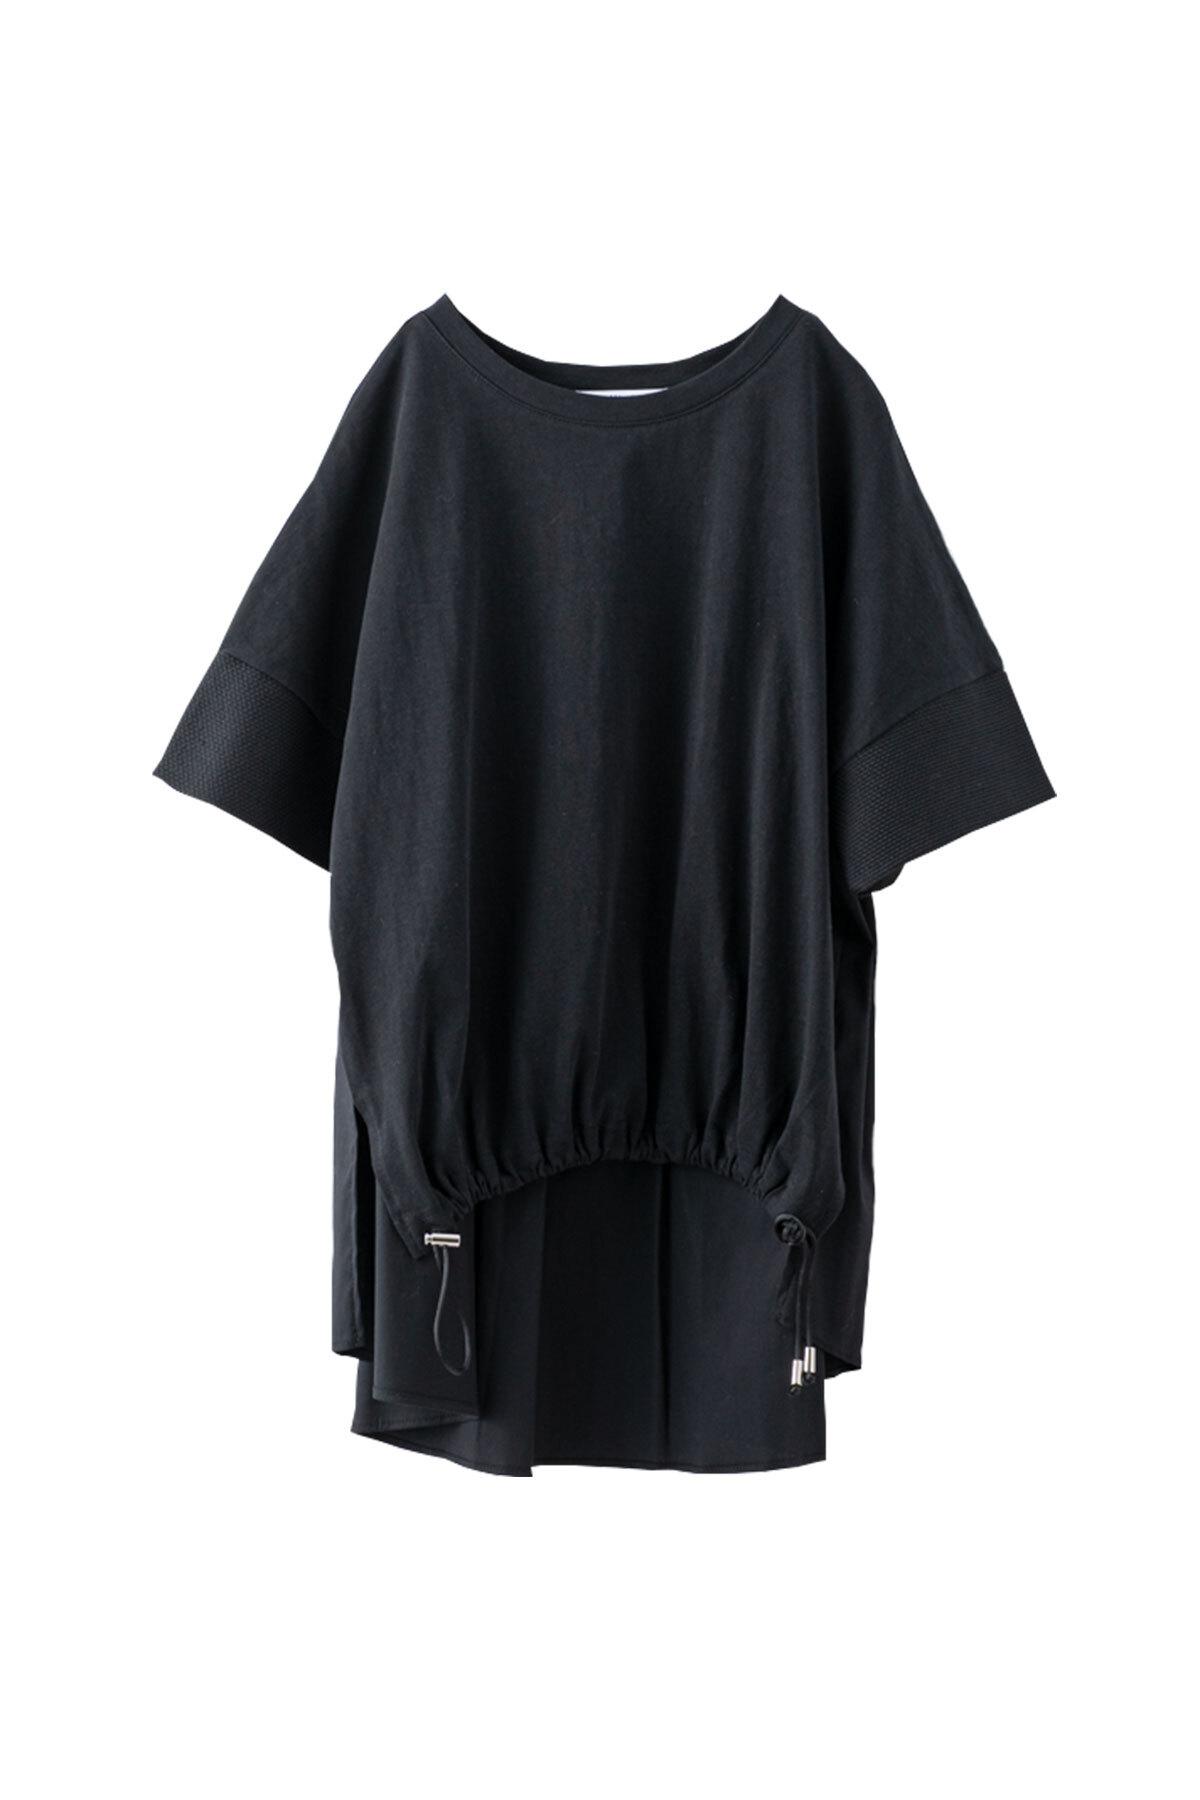 バックプリーツTシャツ <ブラック> #2